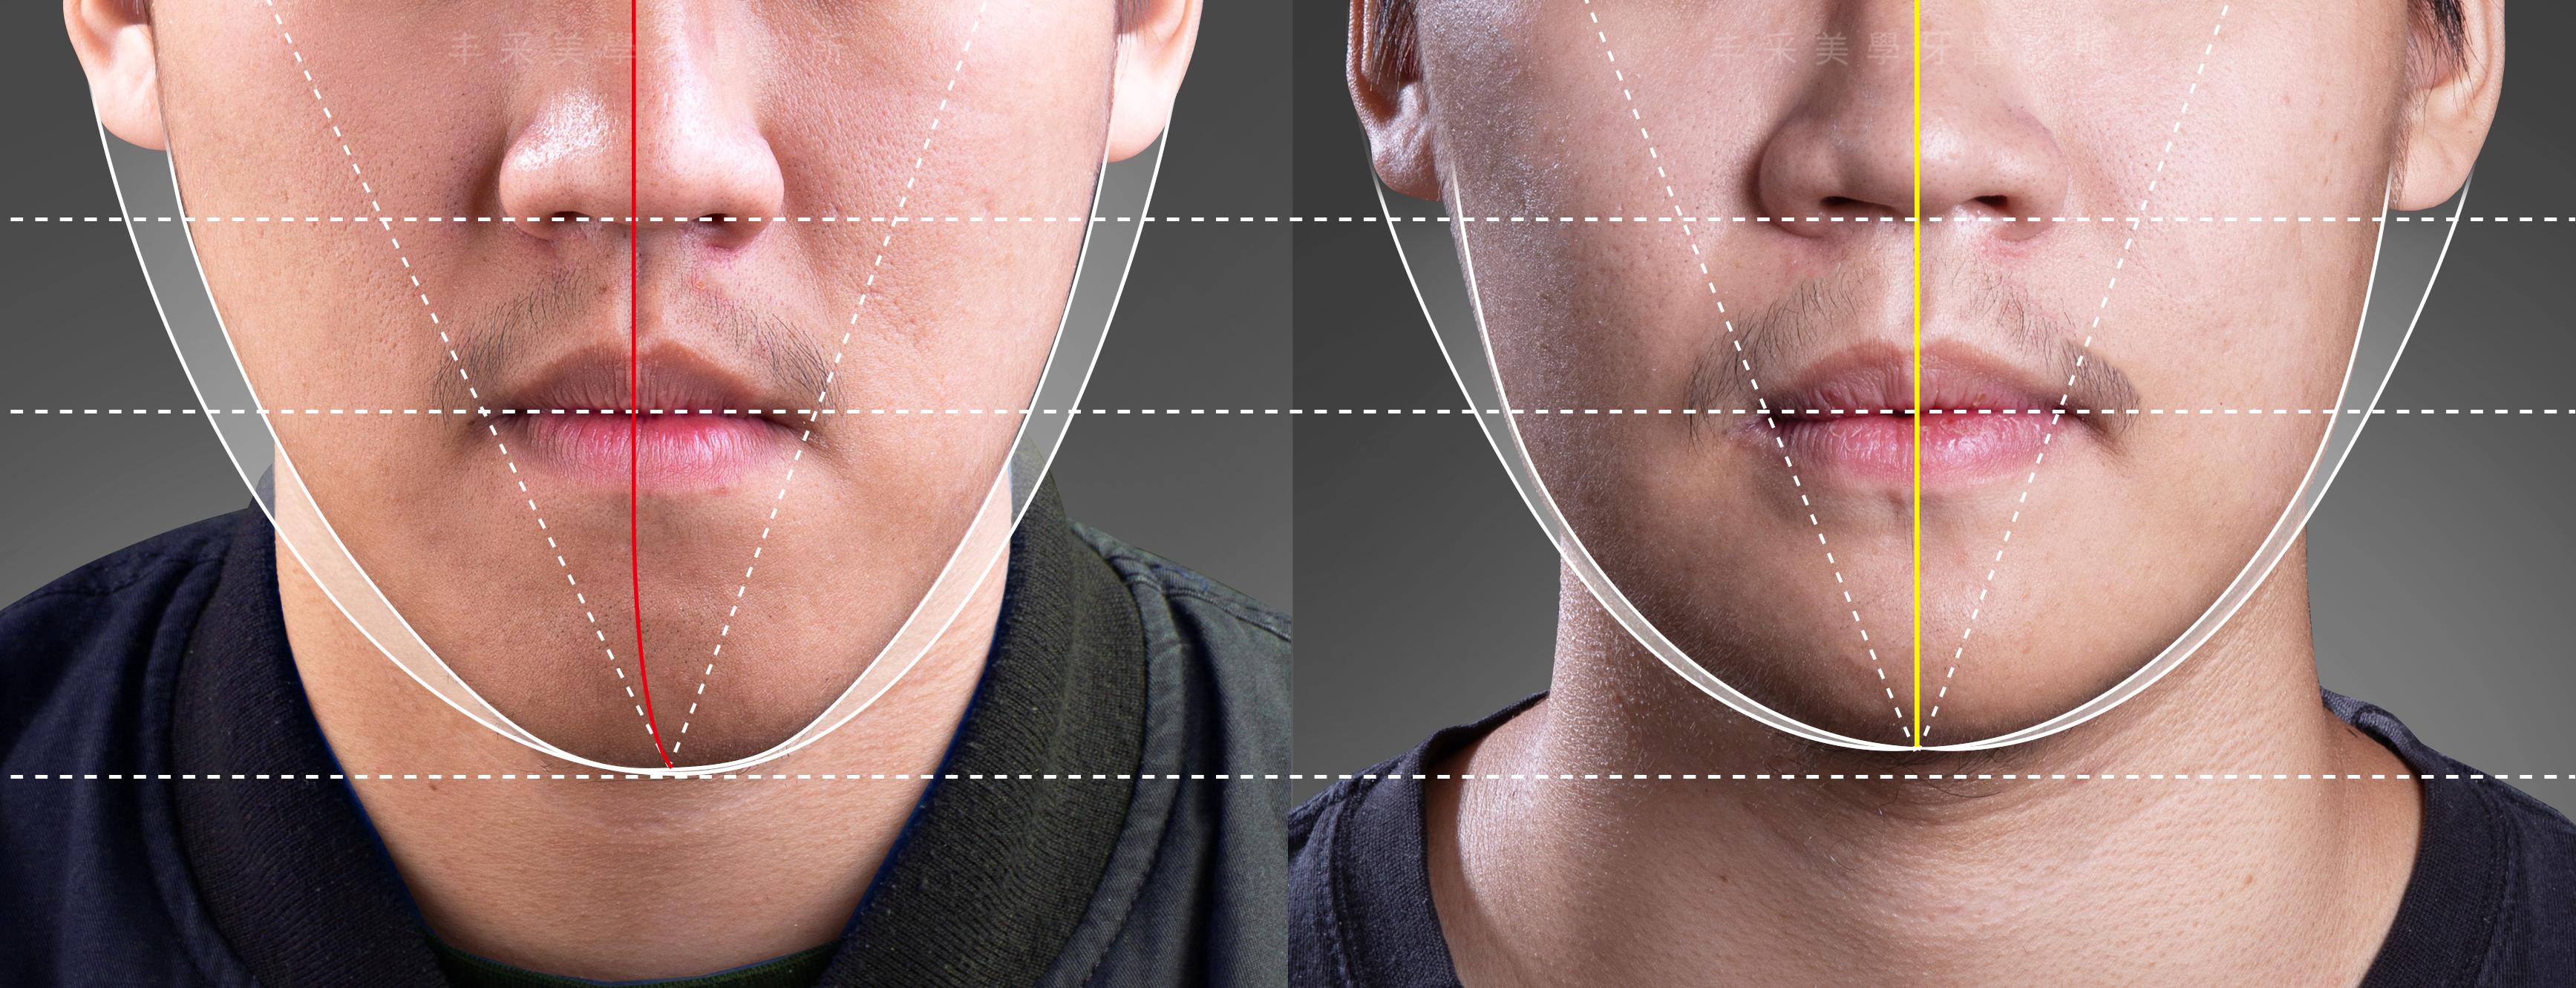 正顎手術 歪臉| 丰采美學牙醫診所